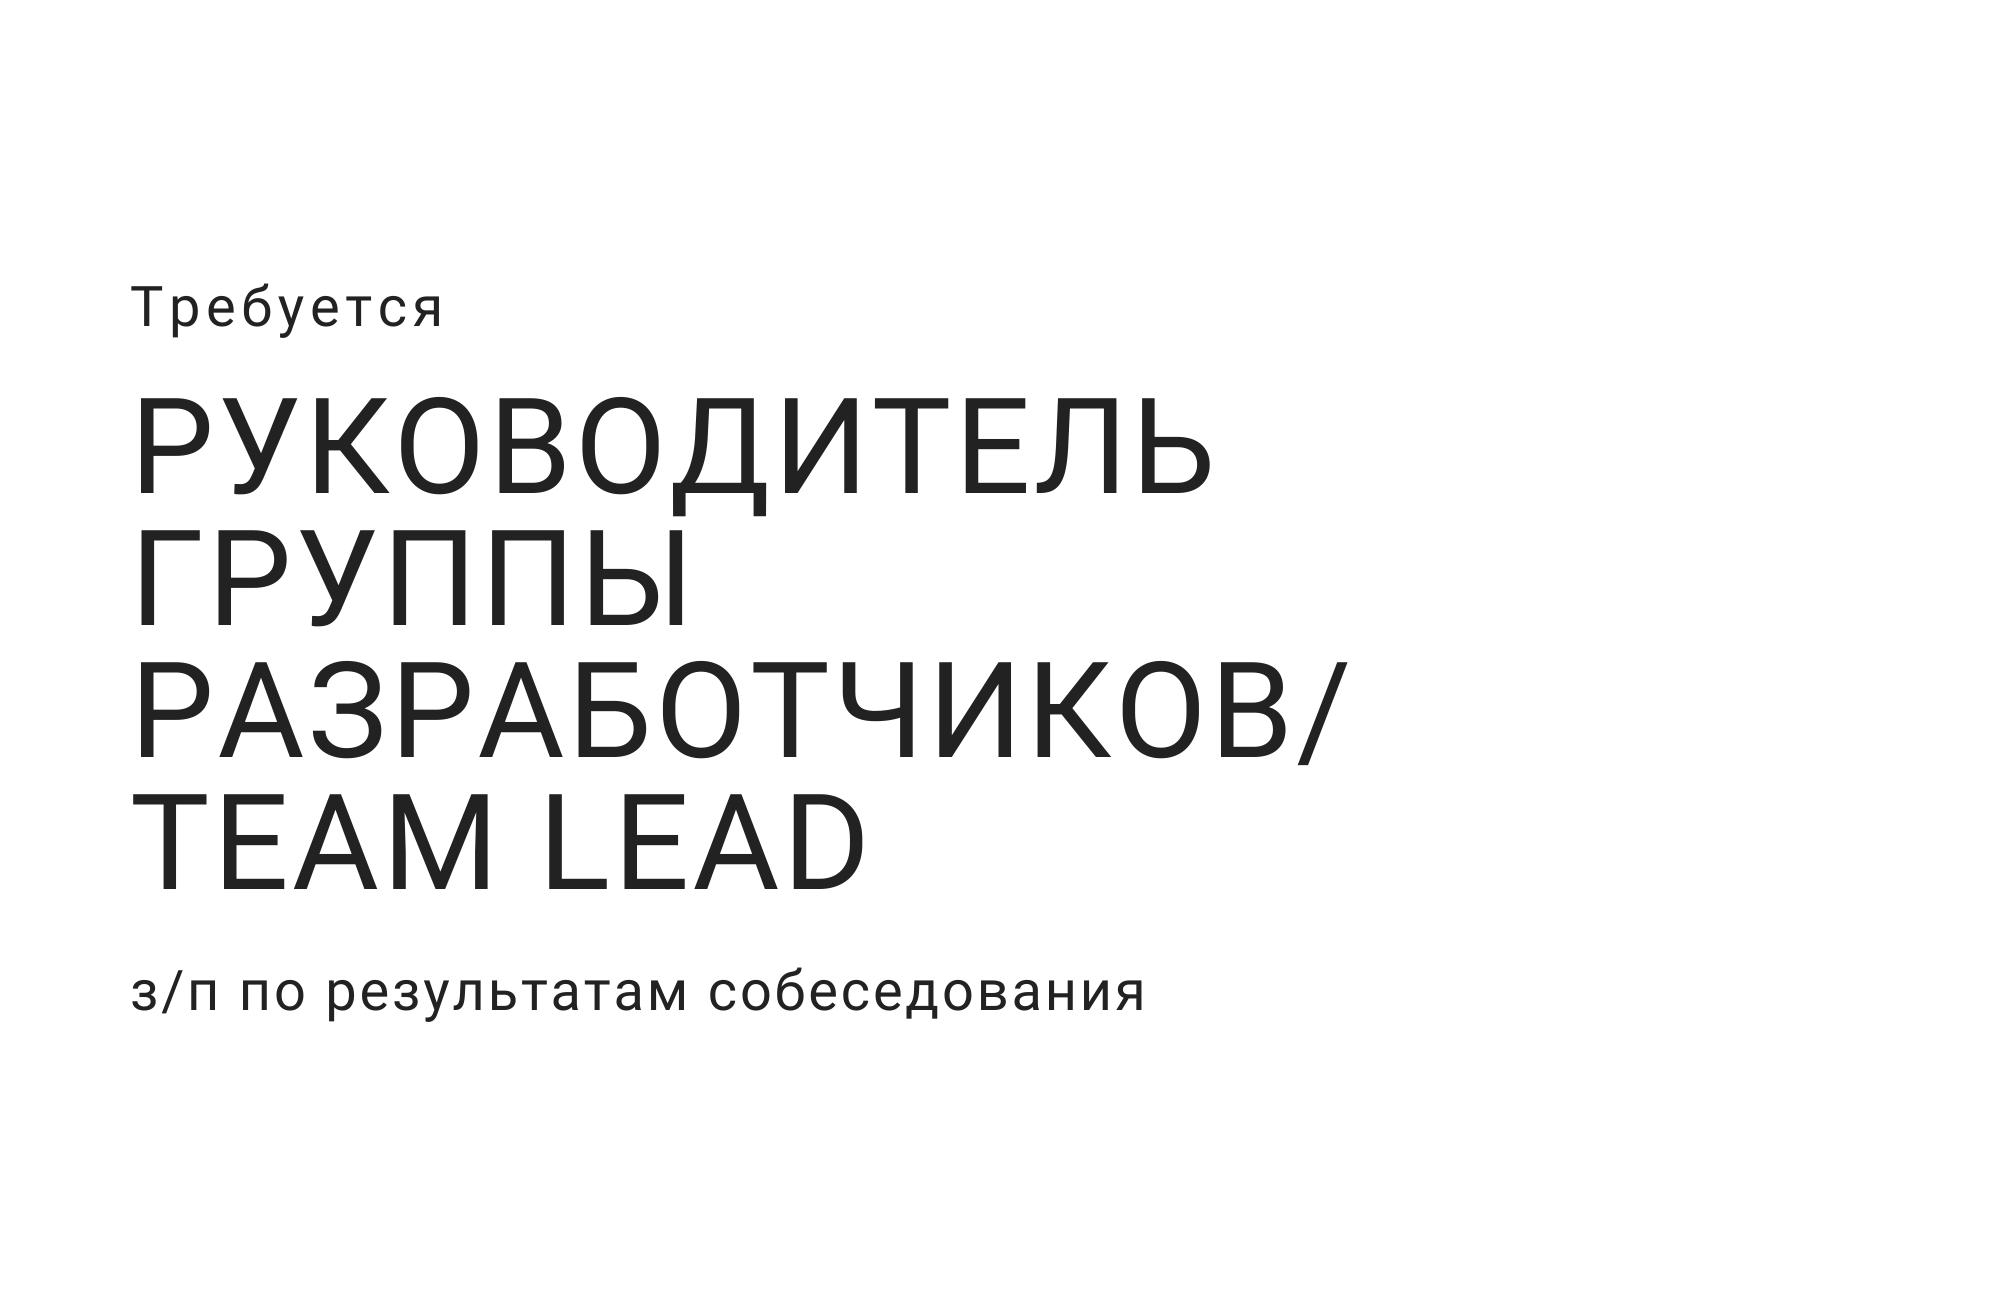 Руководитель группы разработчиков /Team Lead